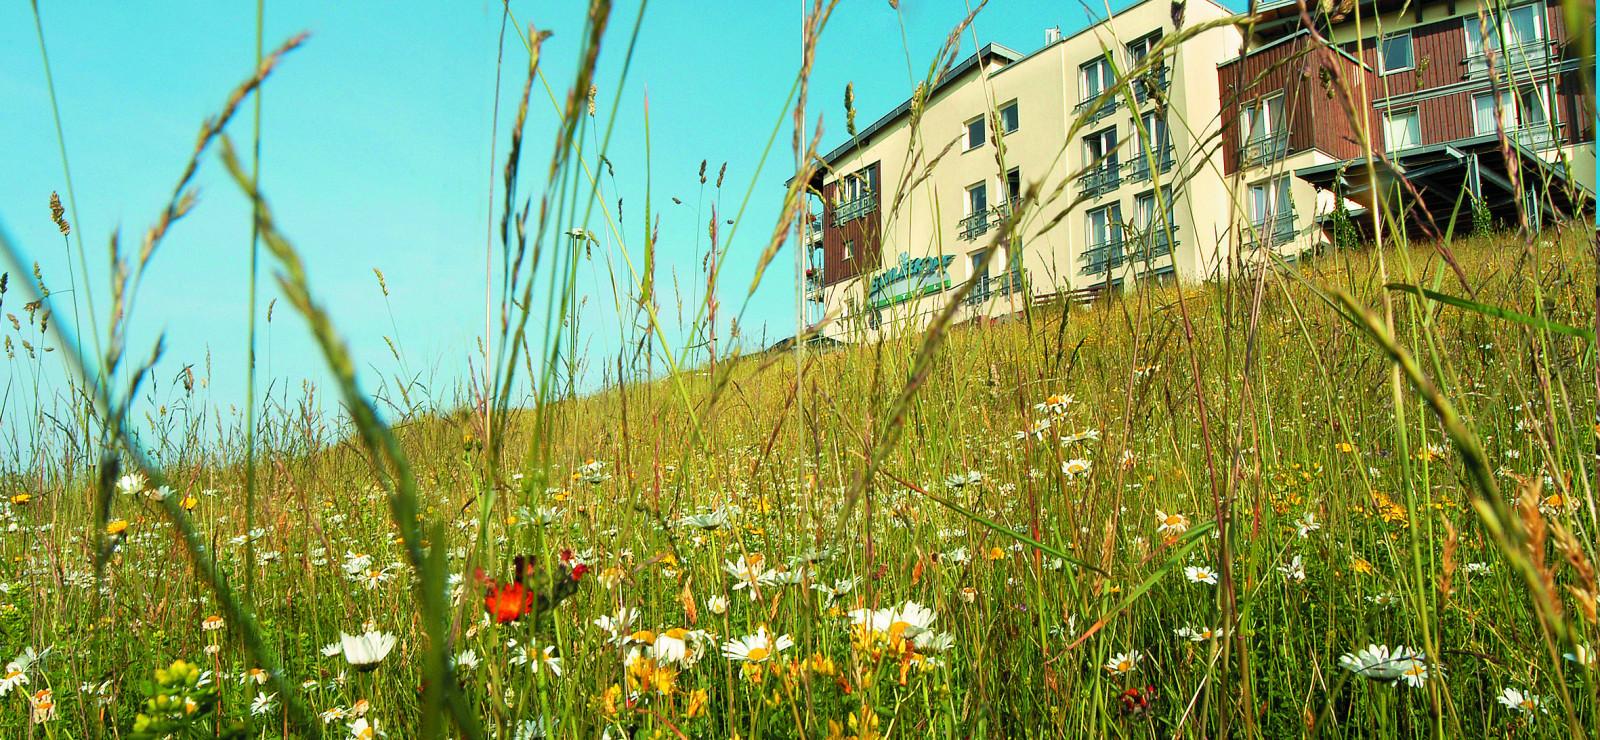 Nationalpark-Hotel Schliffkopf Bilder | Bild 1